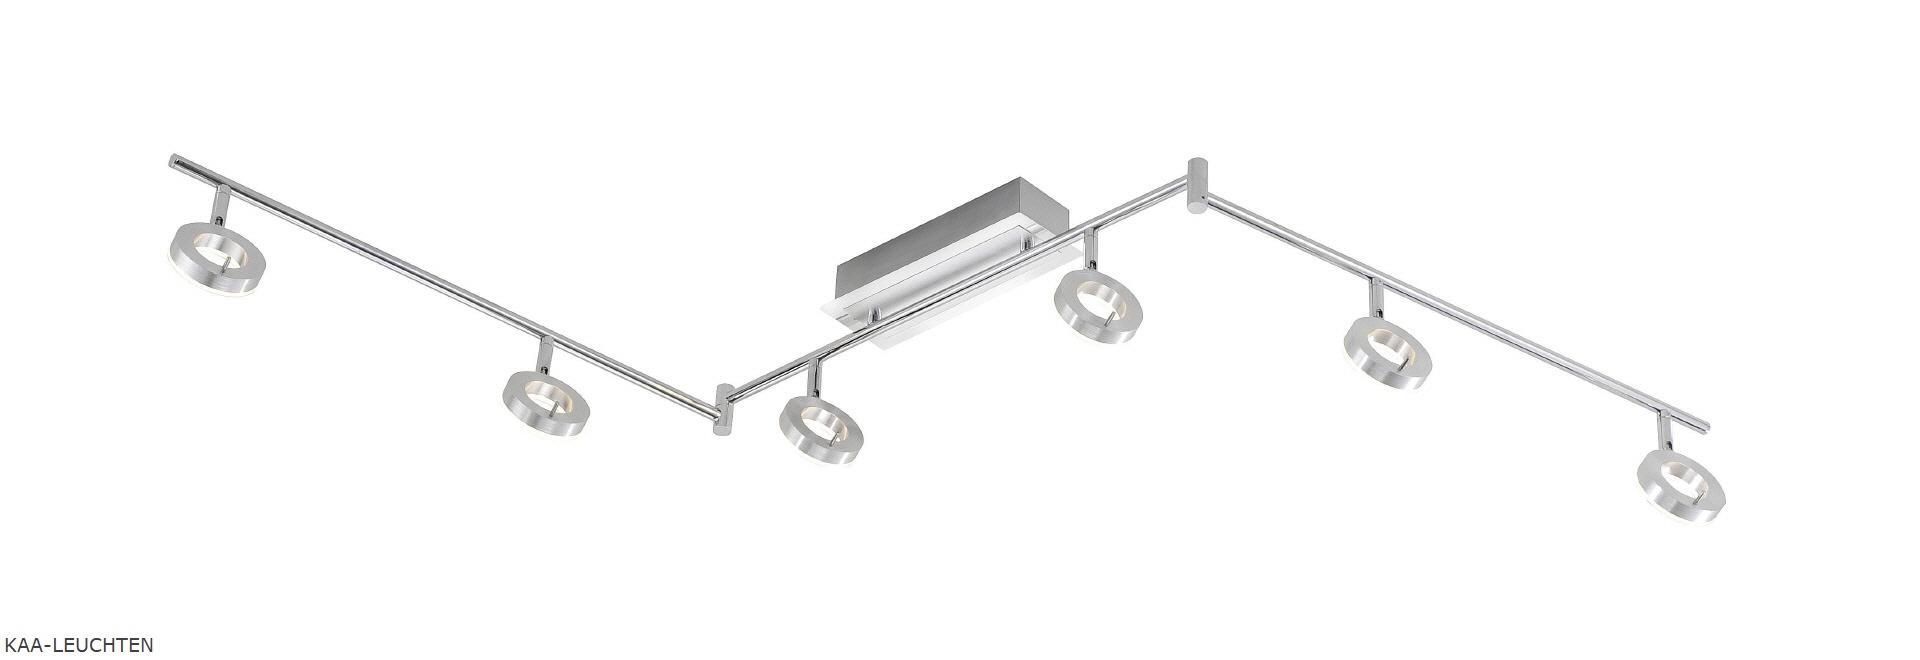 ip 44 led serie fr dusche oder bad geeignet 6 led spots in rundem design mit flchigem lichtaustritt und hohem lichtstrom 3000 lm 3000k warm weiss - Led Spots In Der Dusche